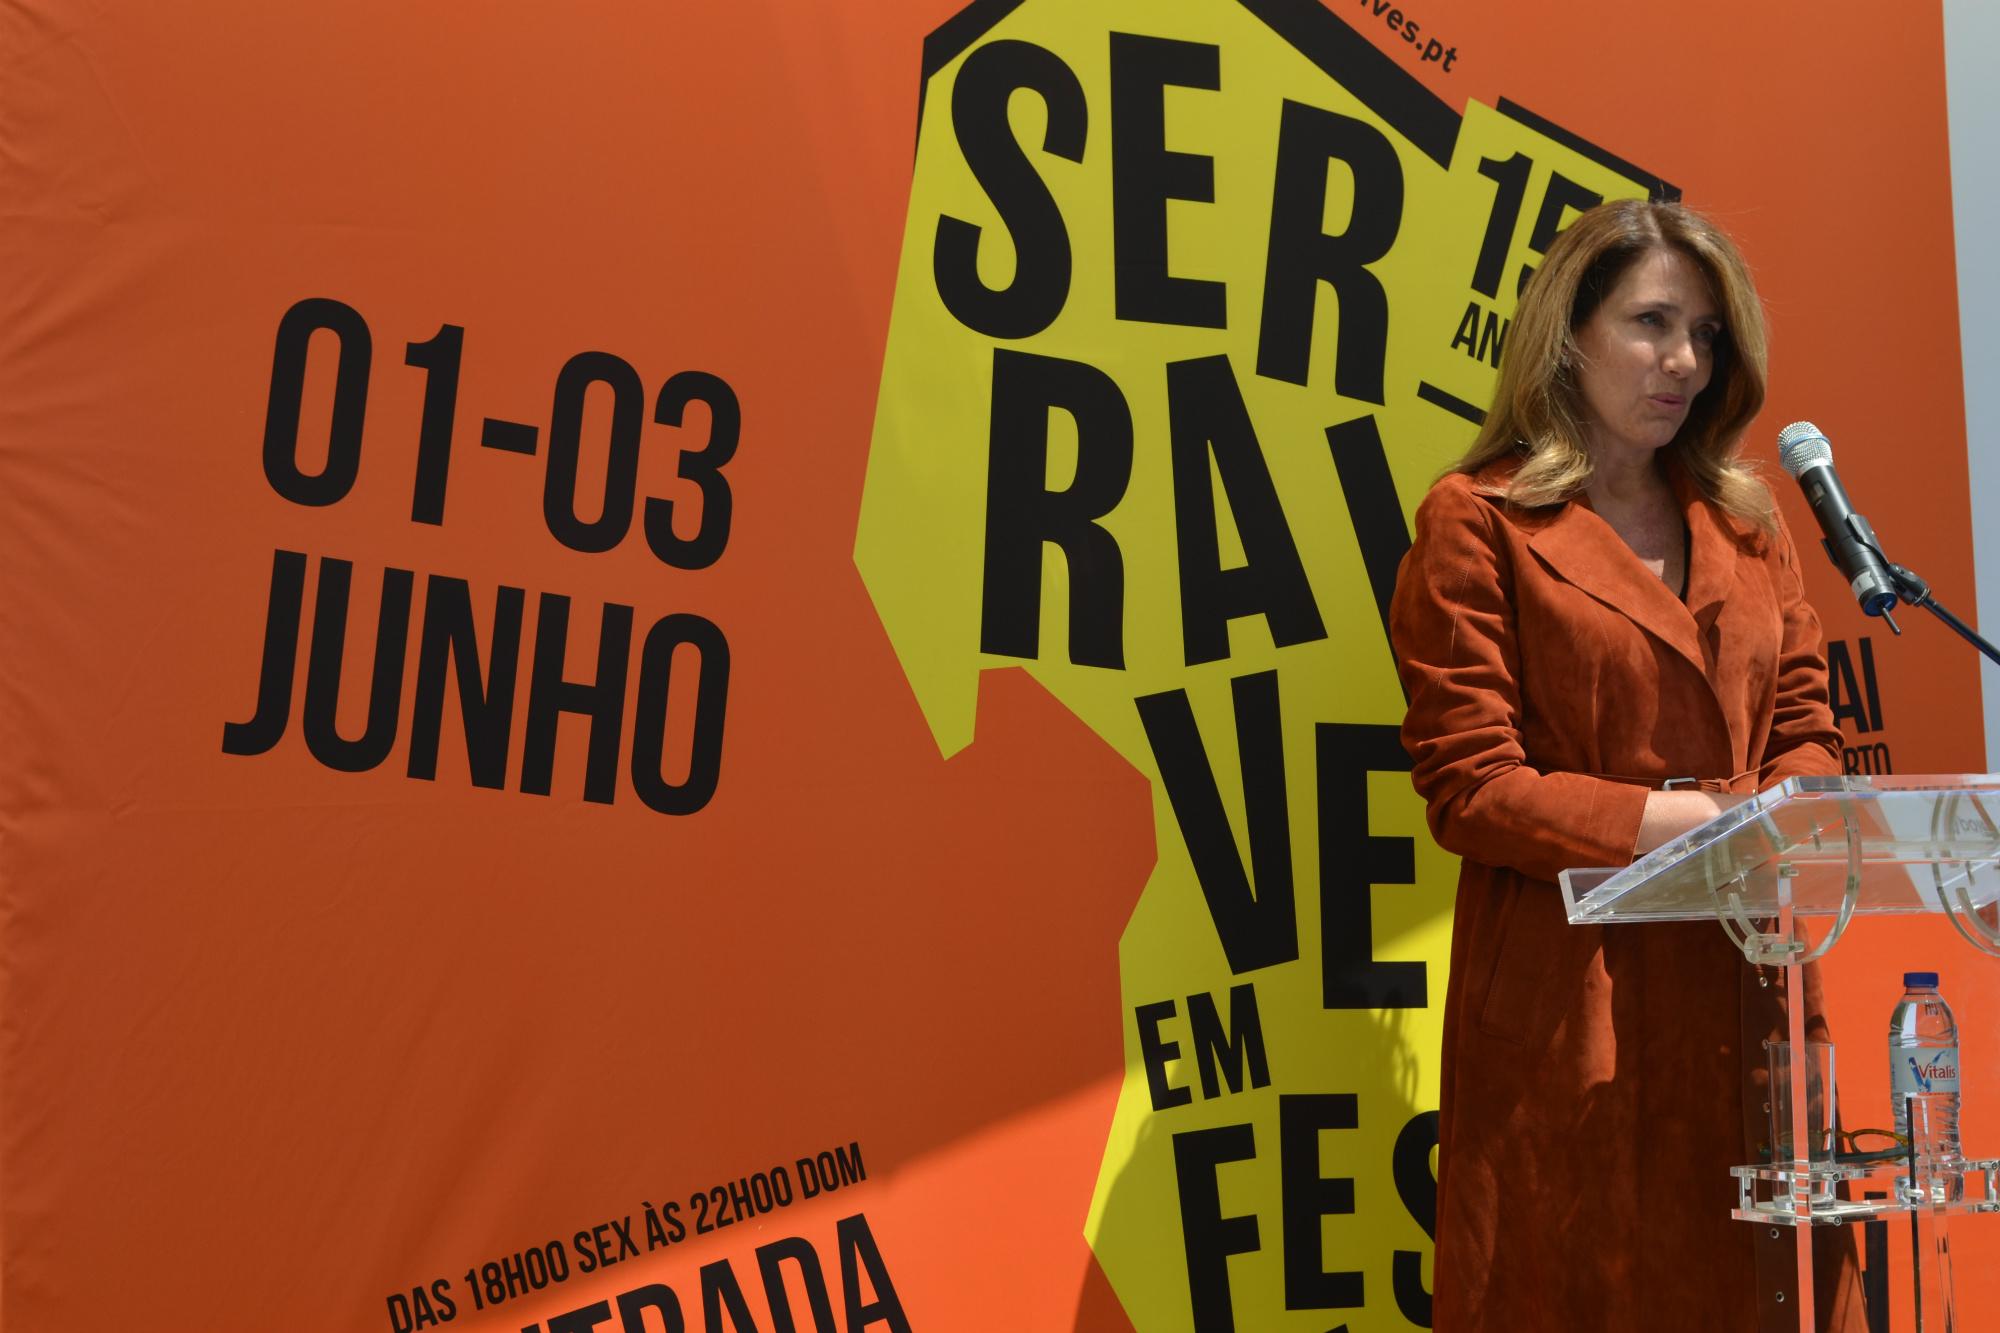 """Ana Pinho, presidente do conselho de administração da Fundação Serralves, acredita que o evento vai """"continuar a atrair muita gente"""". Foto: Ana Jorge Teixeira"""